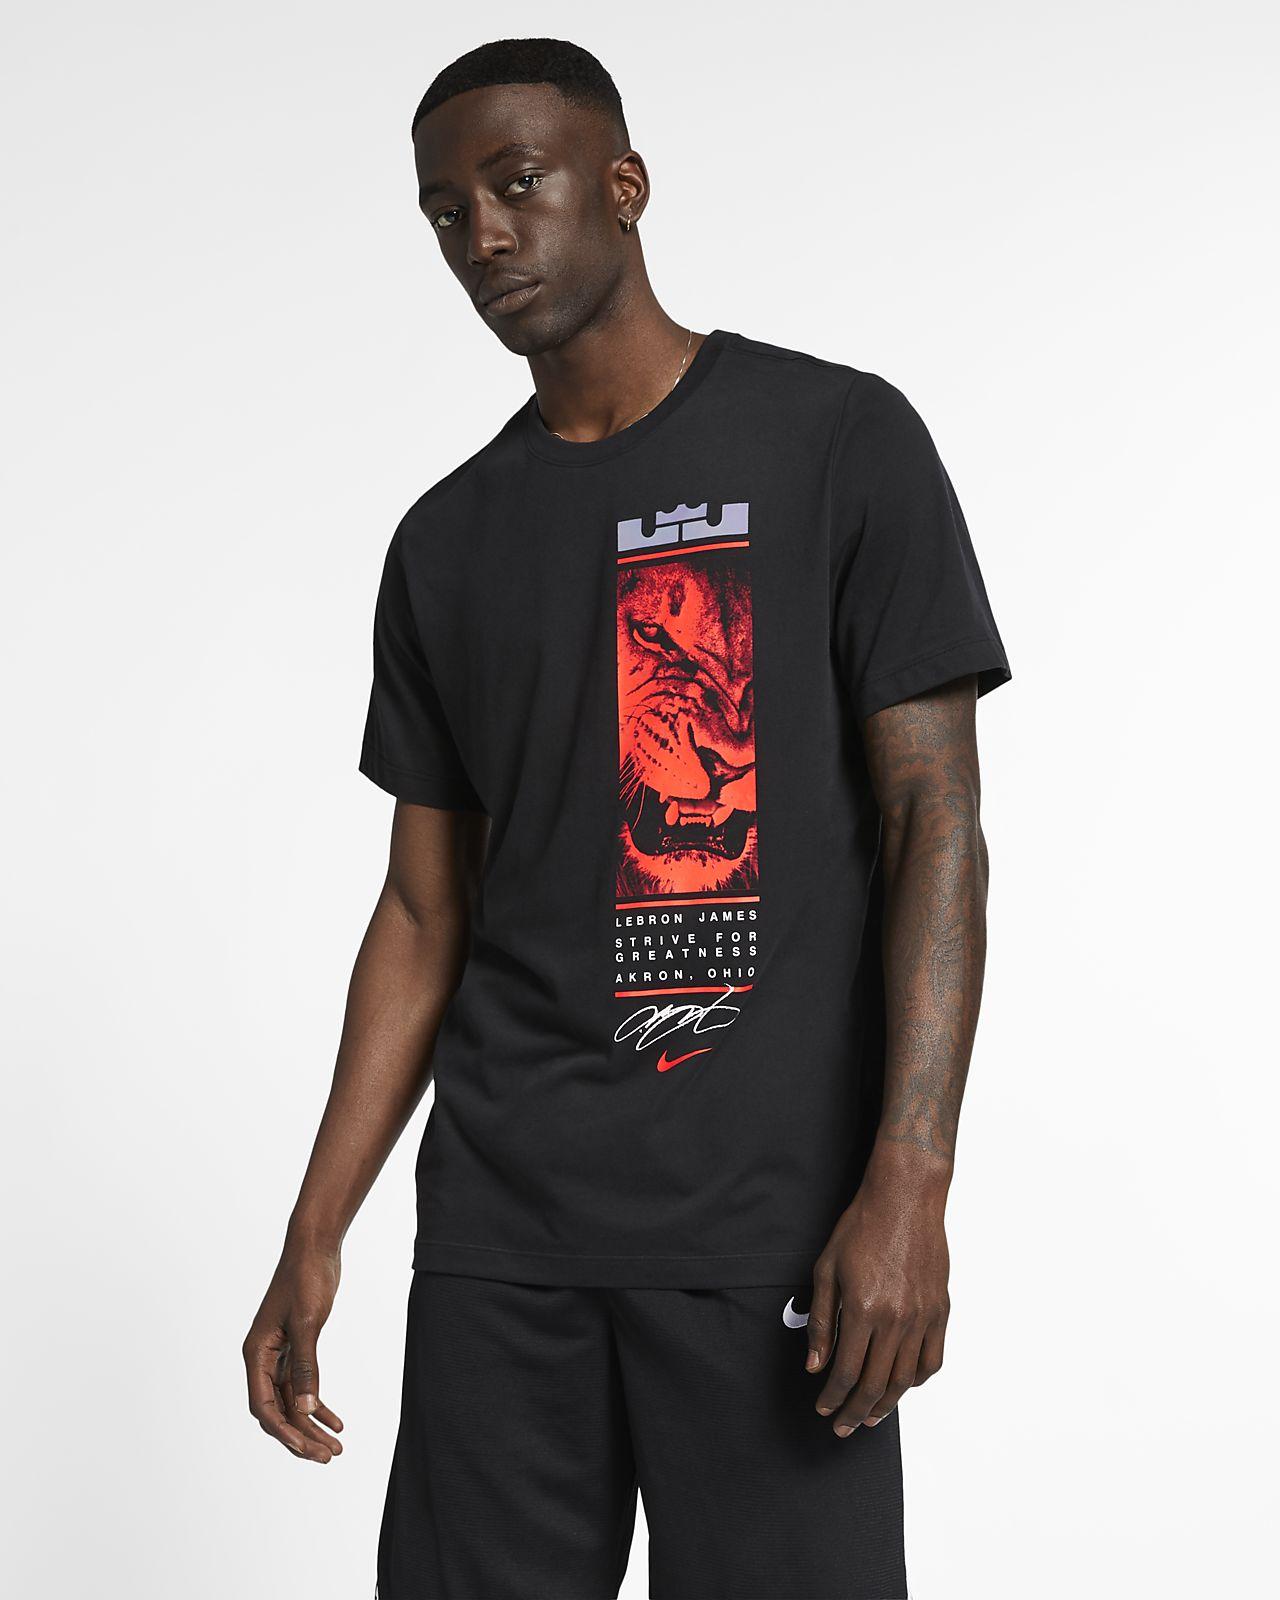 Nike Dri-FIT LeBron Herren-T-Shirt